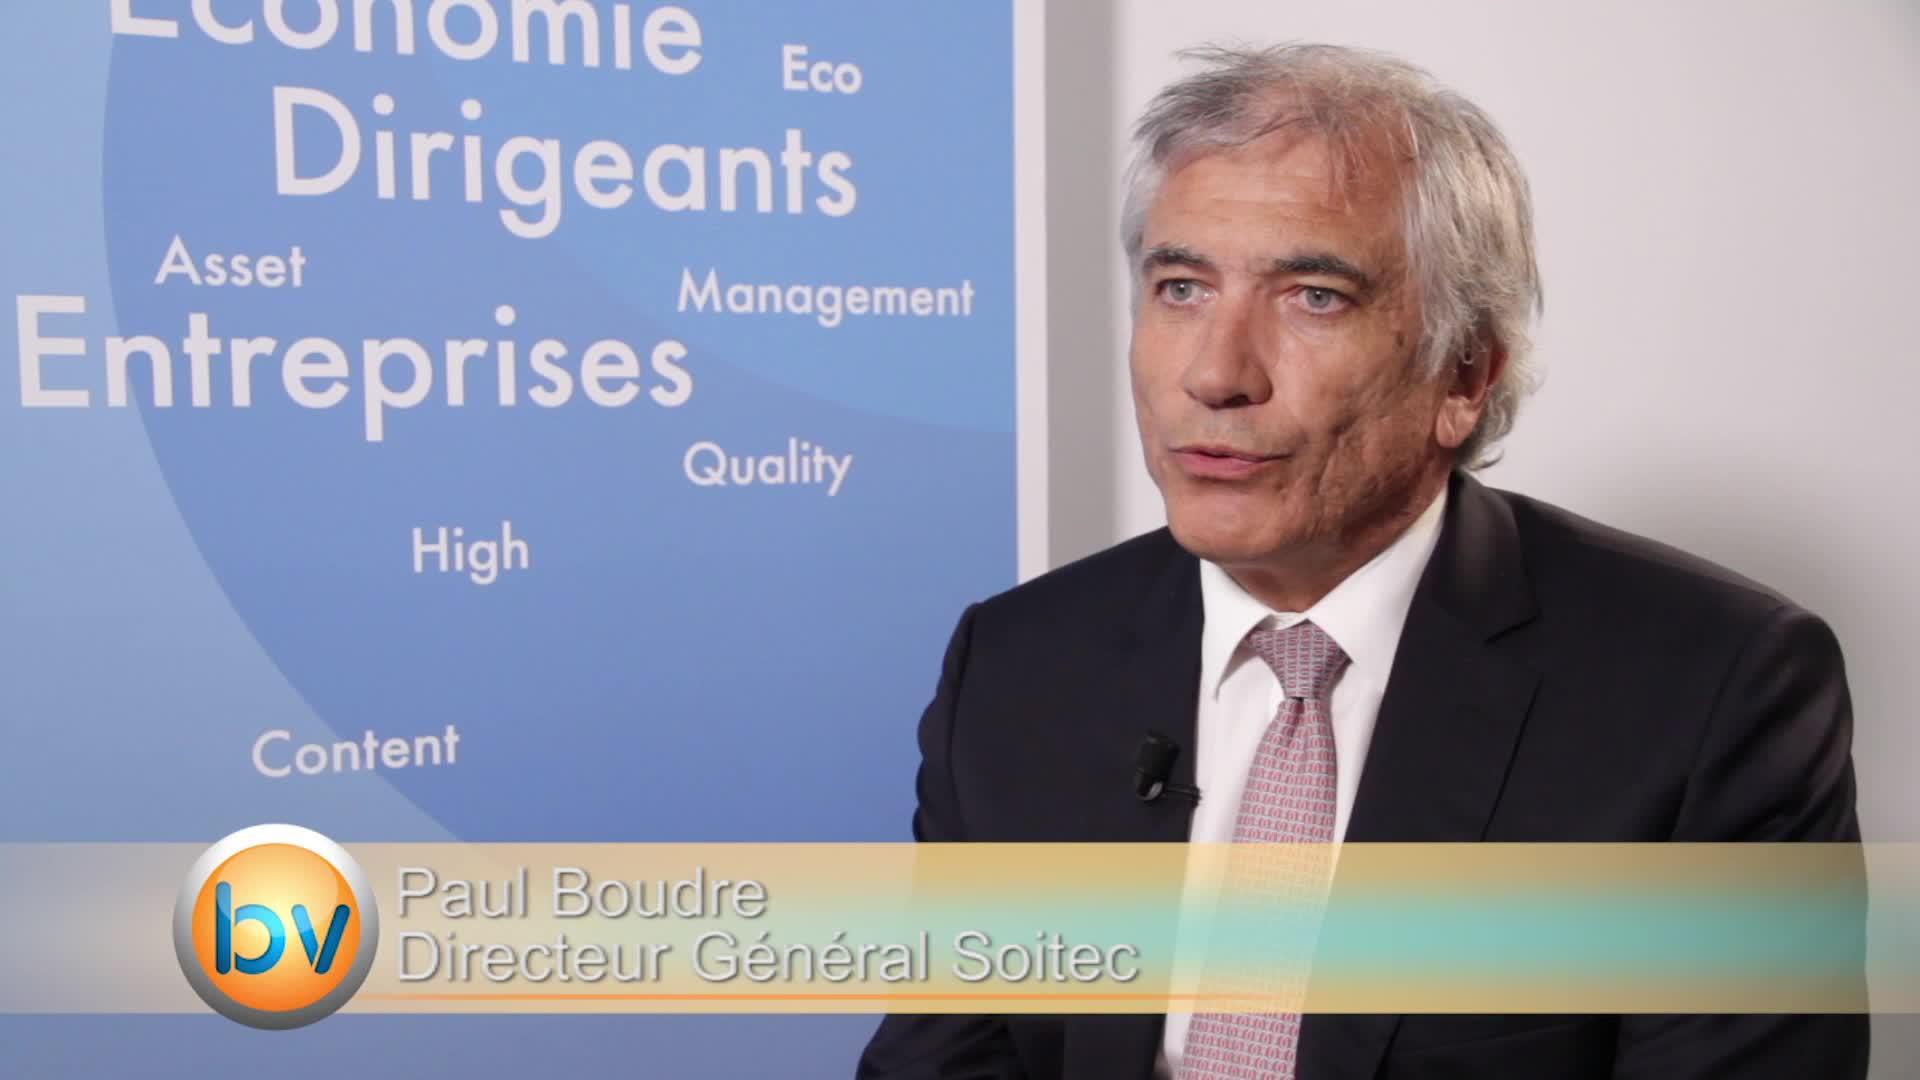 Paul Boudre Directeur Général Soitec : «Nous allons travailler sur la réduction de la dette»